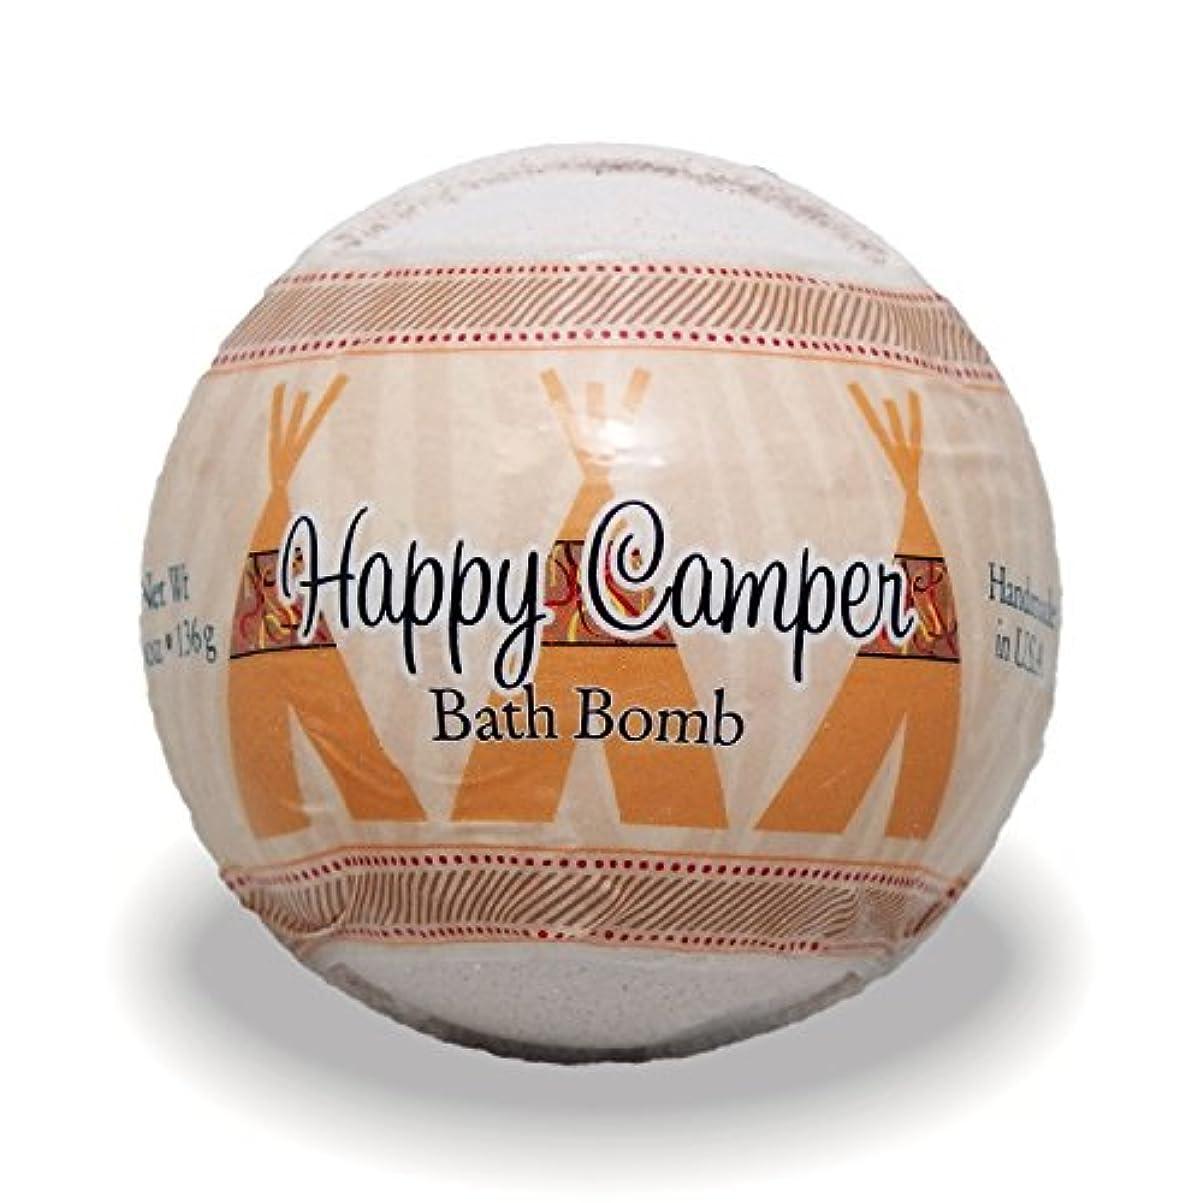 屋内で厳密に美的プライモールエレメンツ バスボム/ハッピーキャンパー 136g シアバターとココナツ&アルガンオイル配合のお肌に潤いを与える発泡性入浴剤